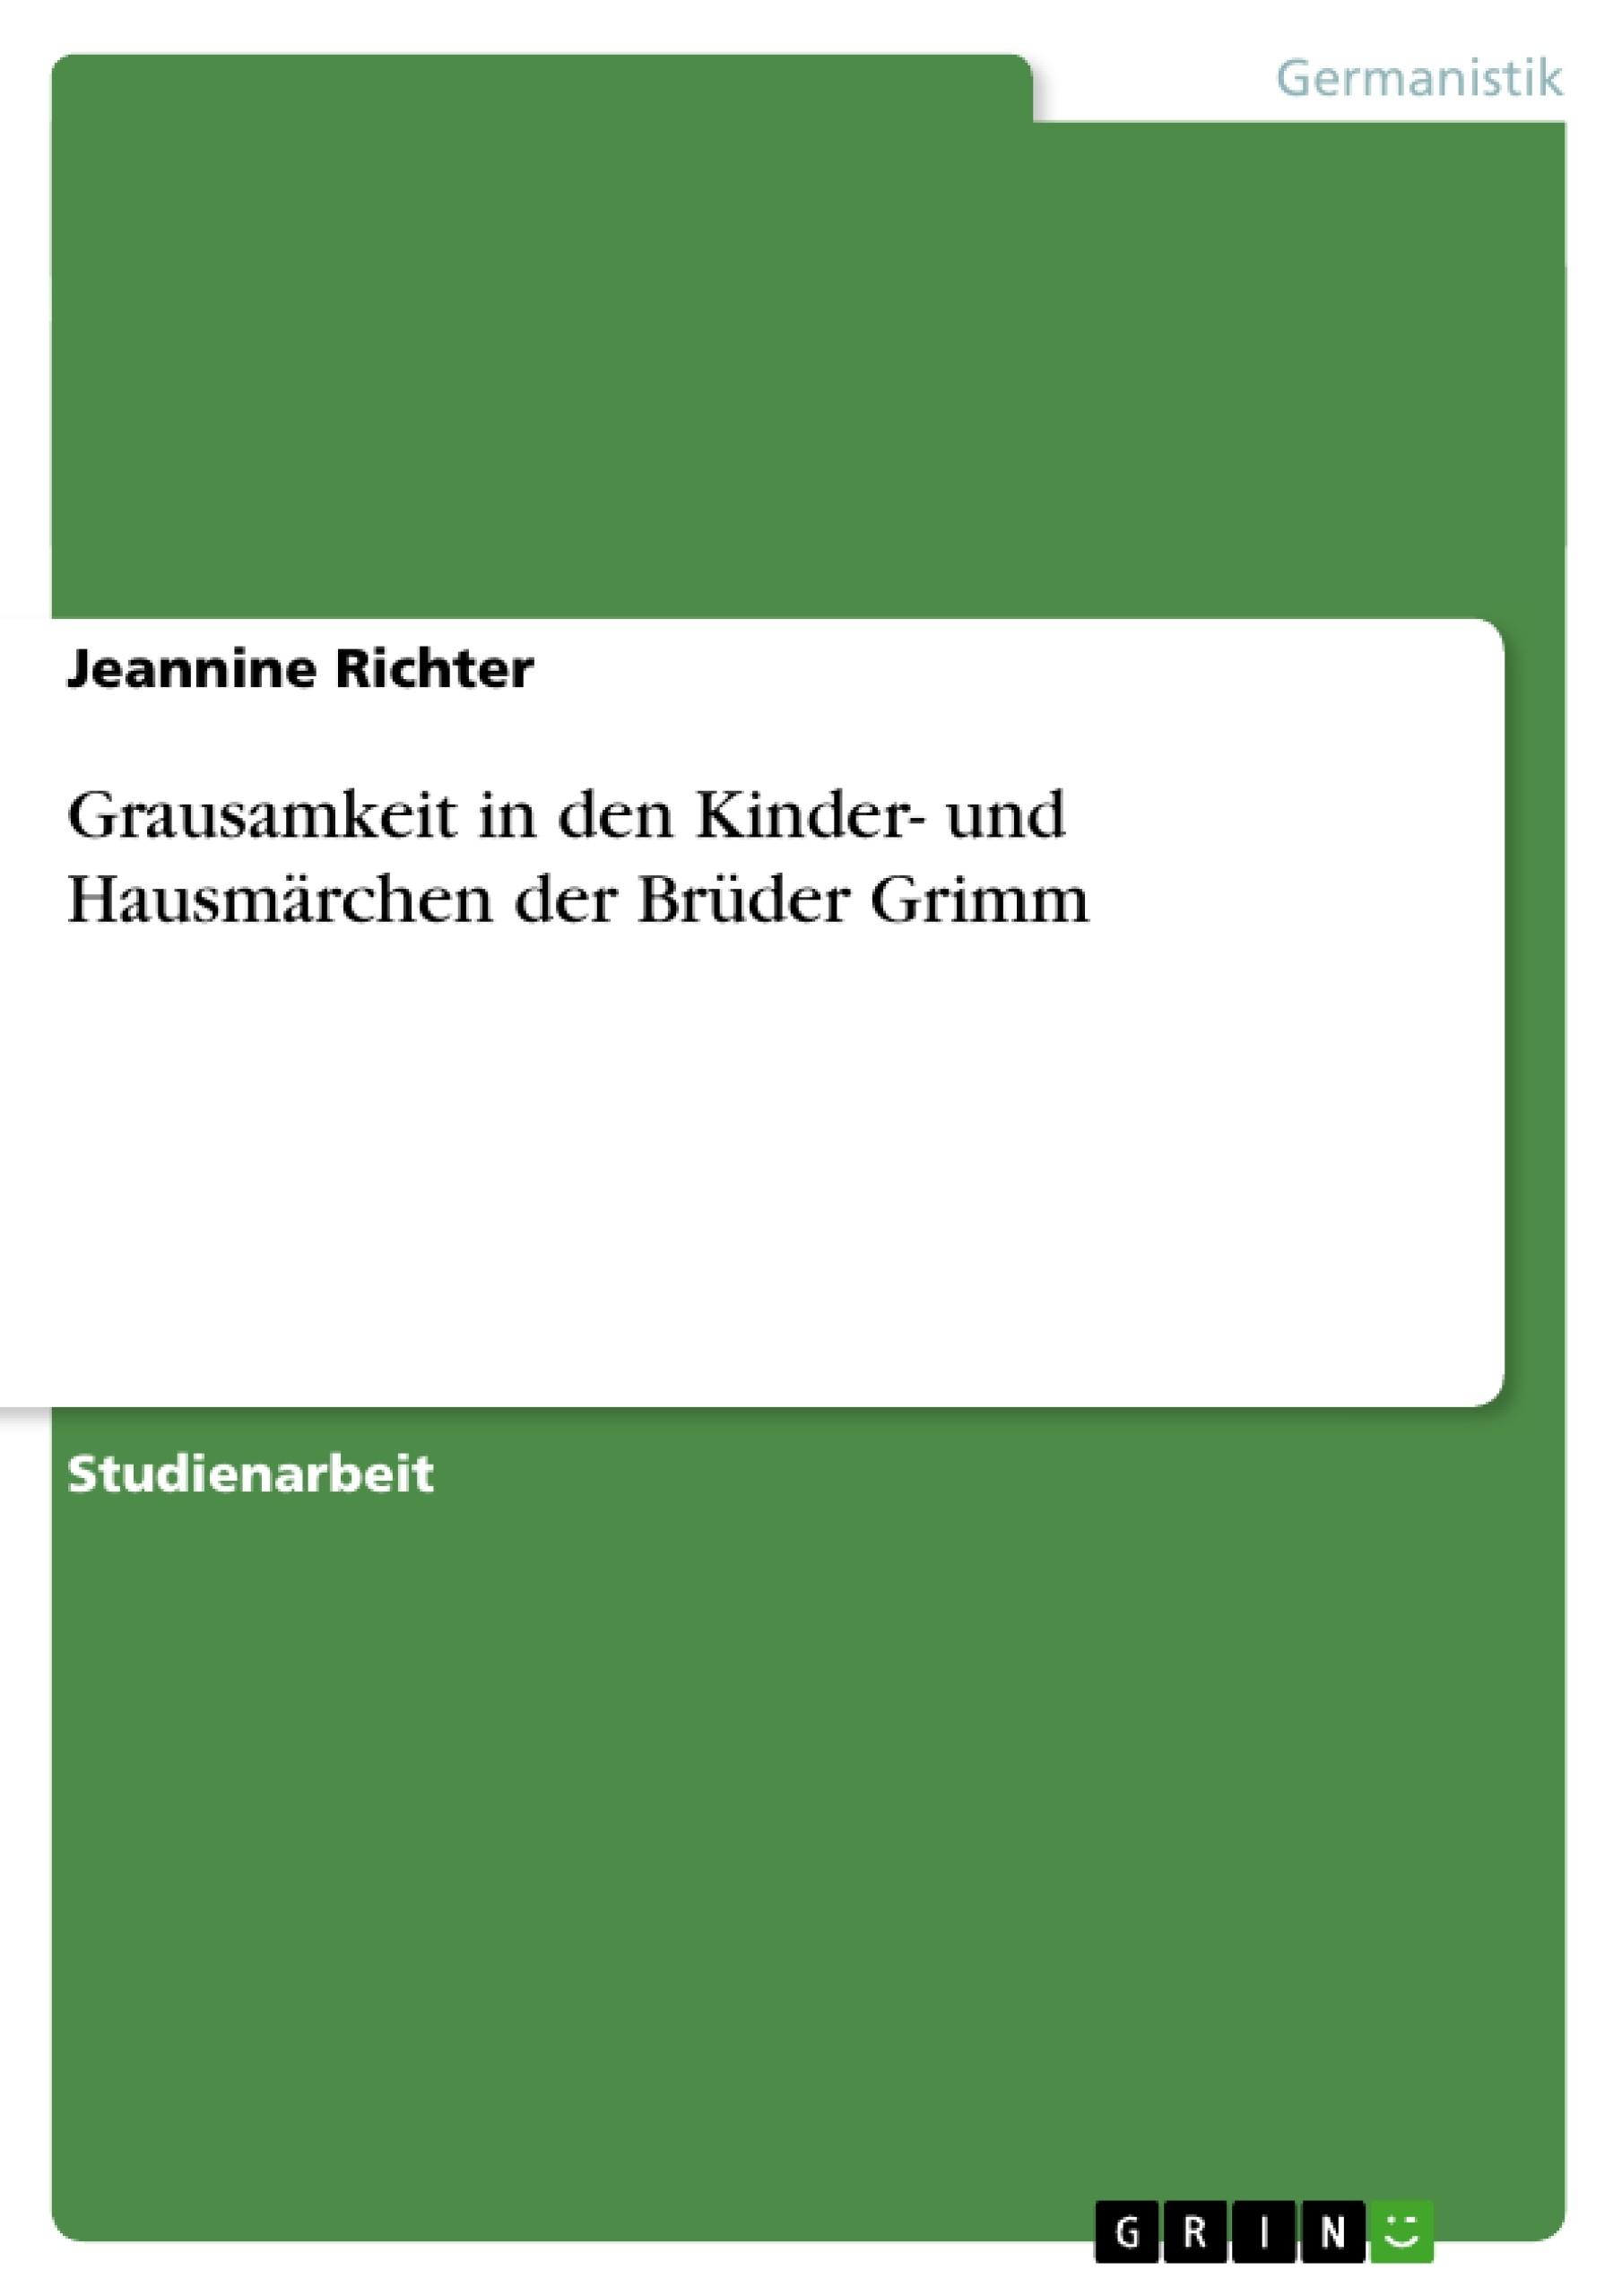 Titel: Grausamkeit in den Kinder- und Hausmärchen der Brüder Grimm